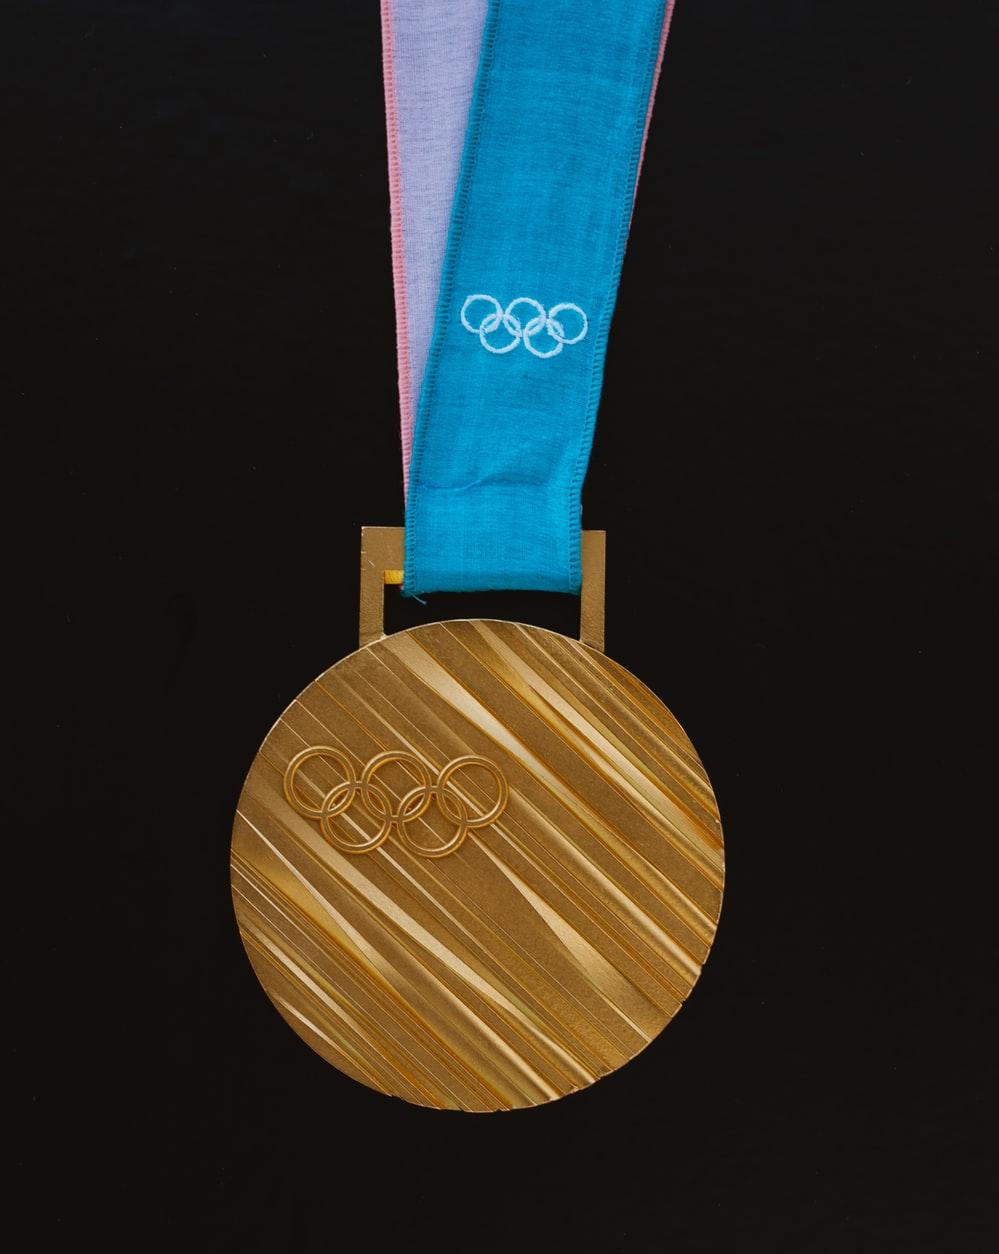 【悲報】井上尚弥さん、ついにオリンピック金メダリストの最強王者に喧嘩を売られる